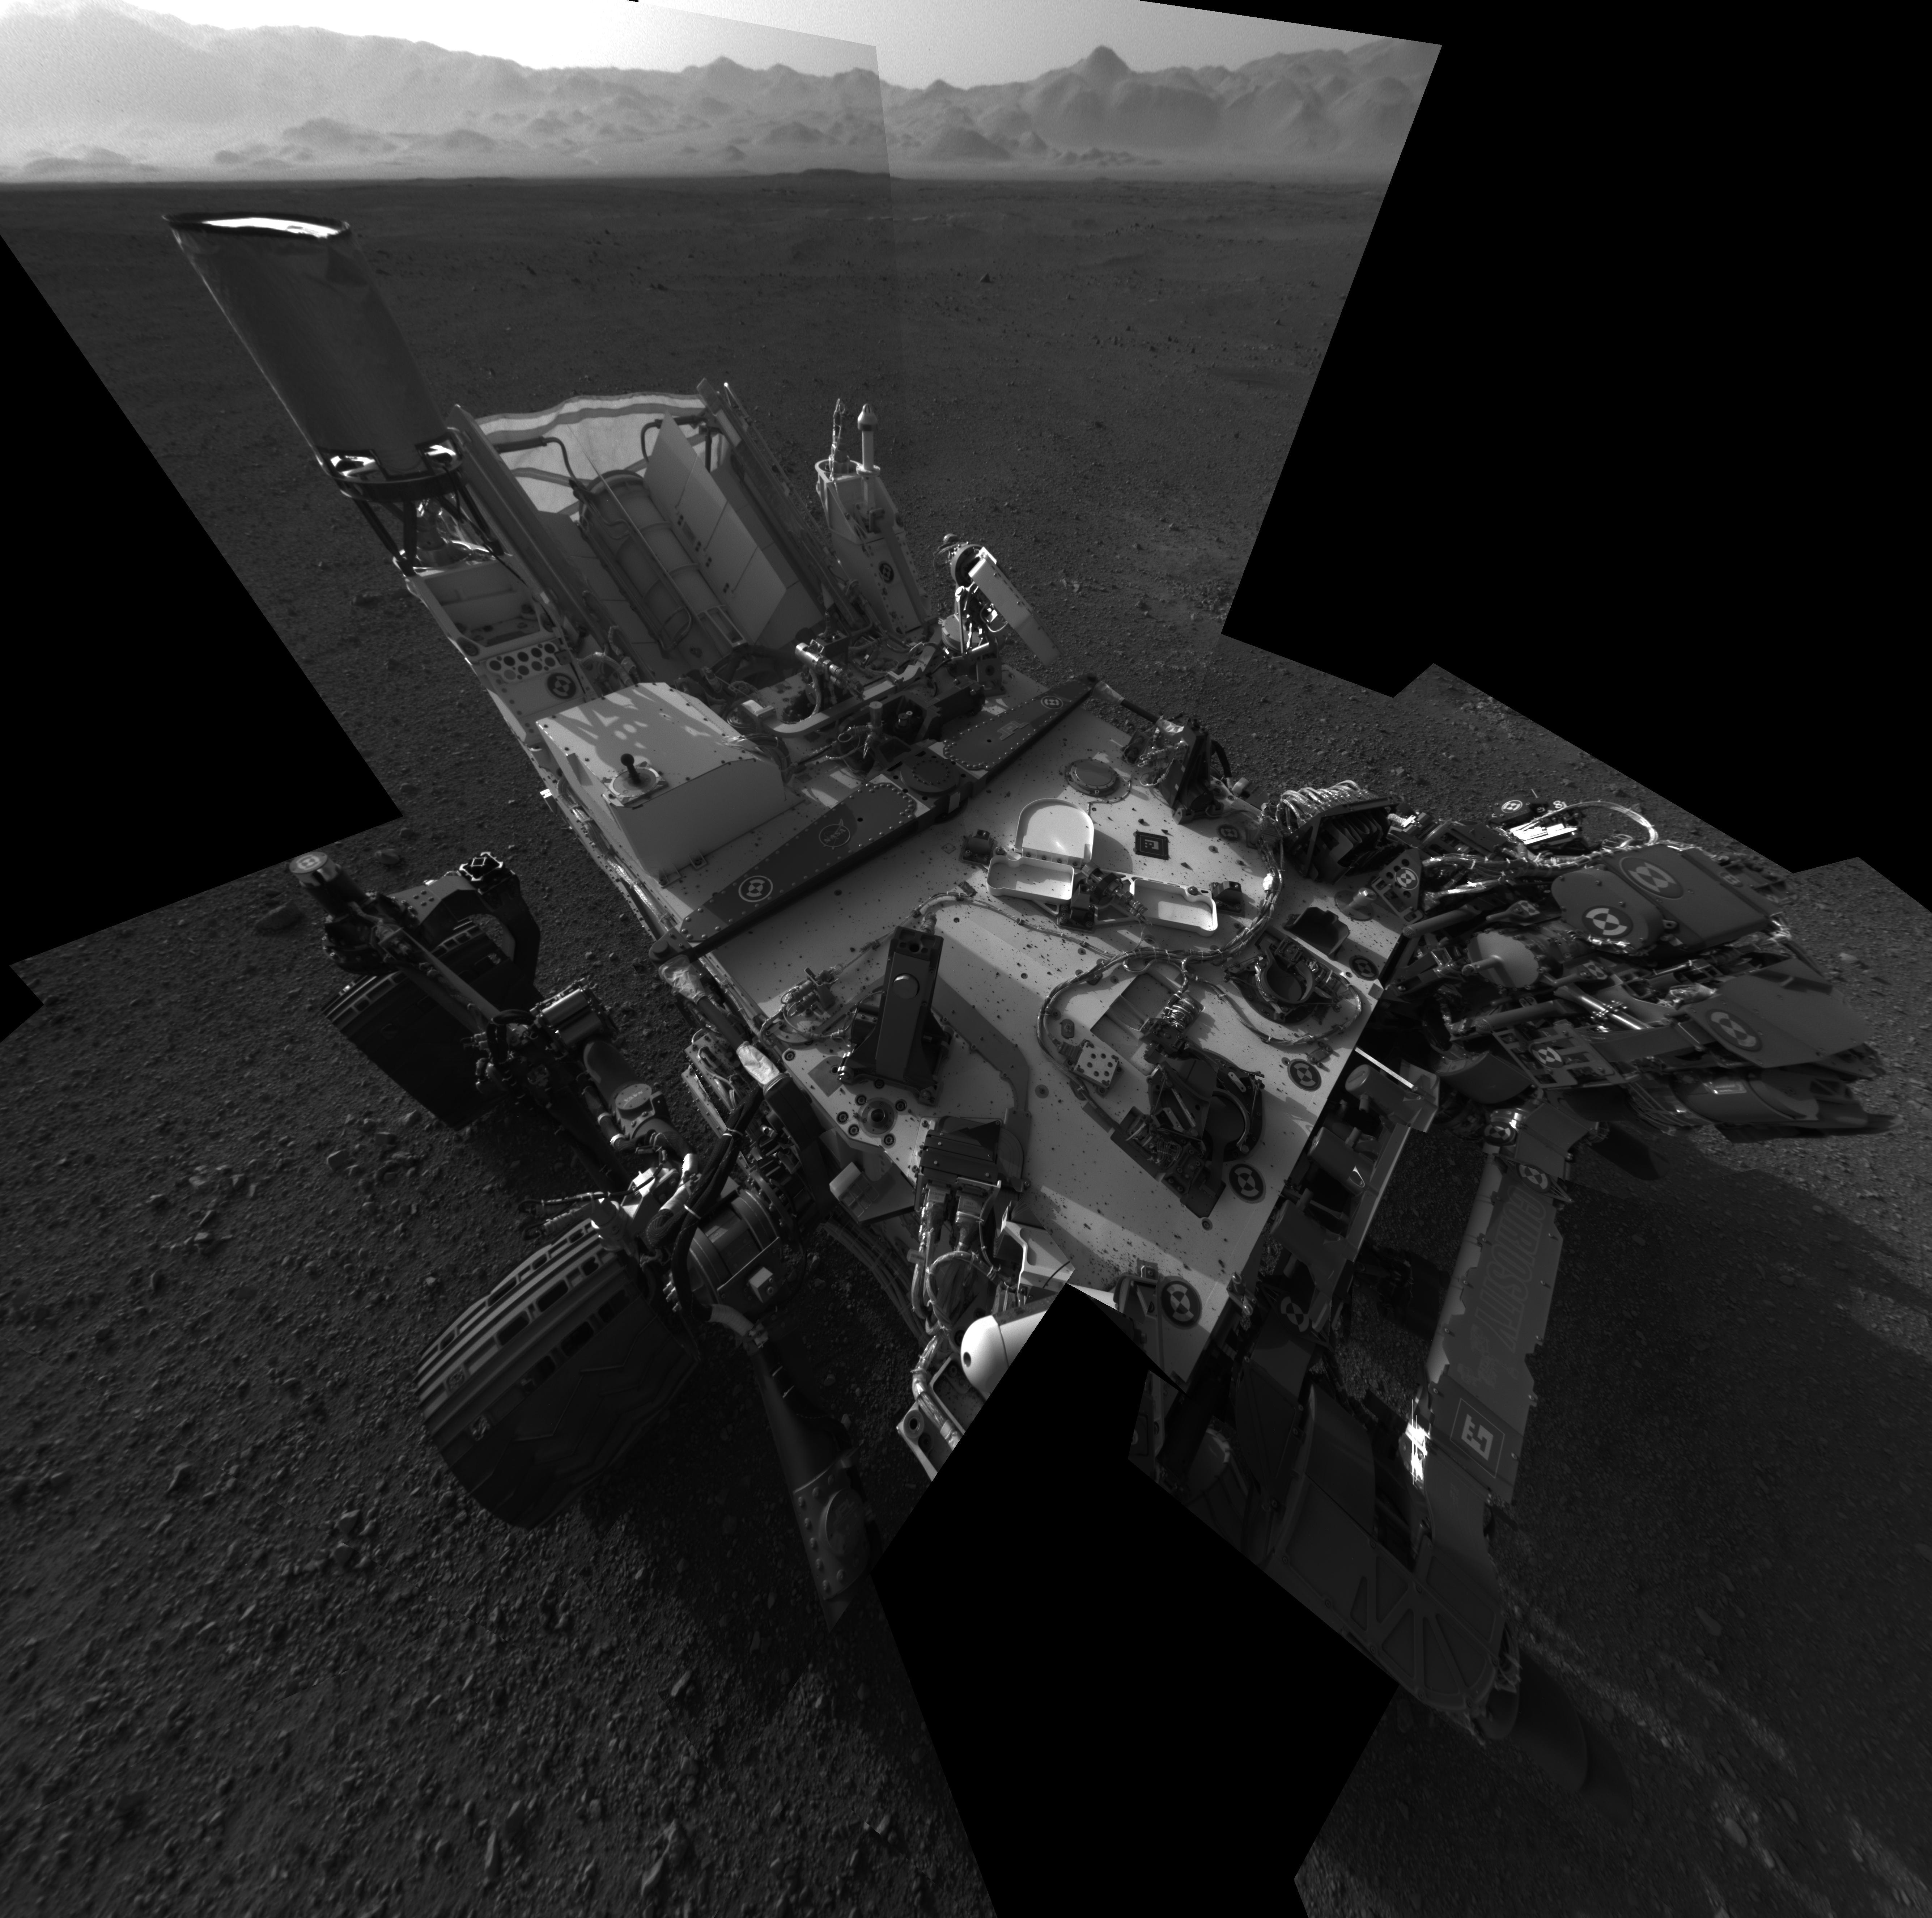 telescope from nasa curiosity - photo #24